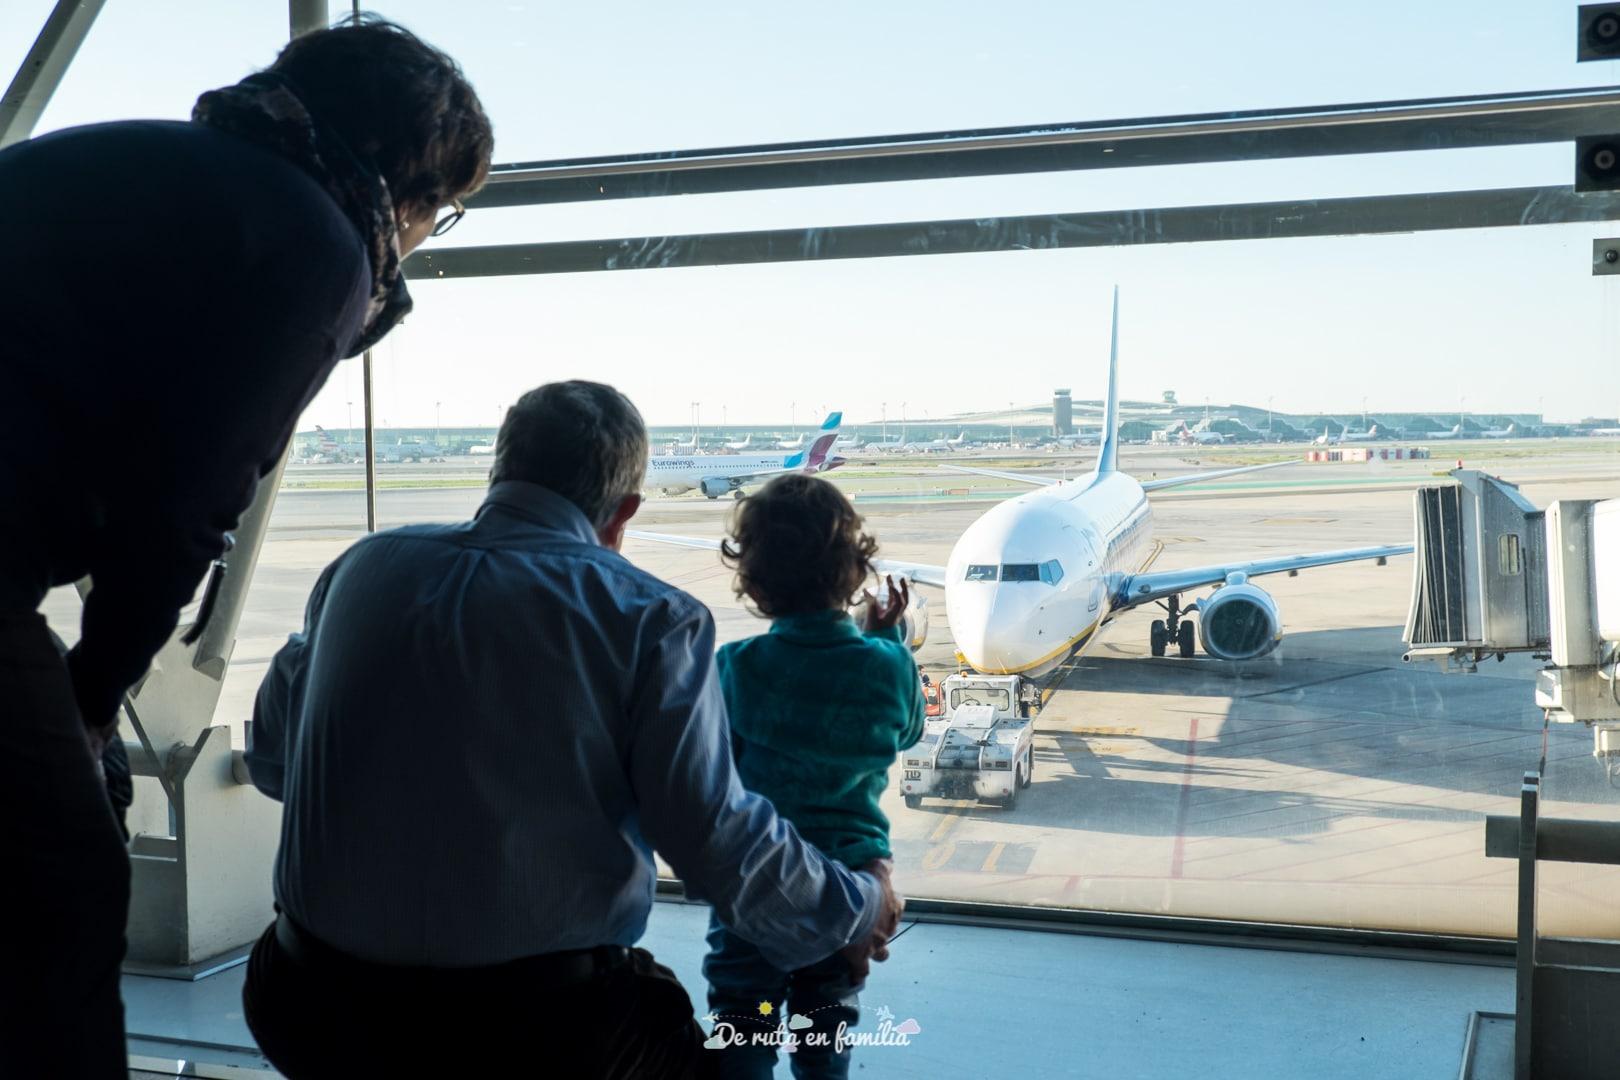 comparativa millor assegurança de viatges per a famílies